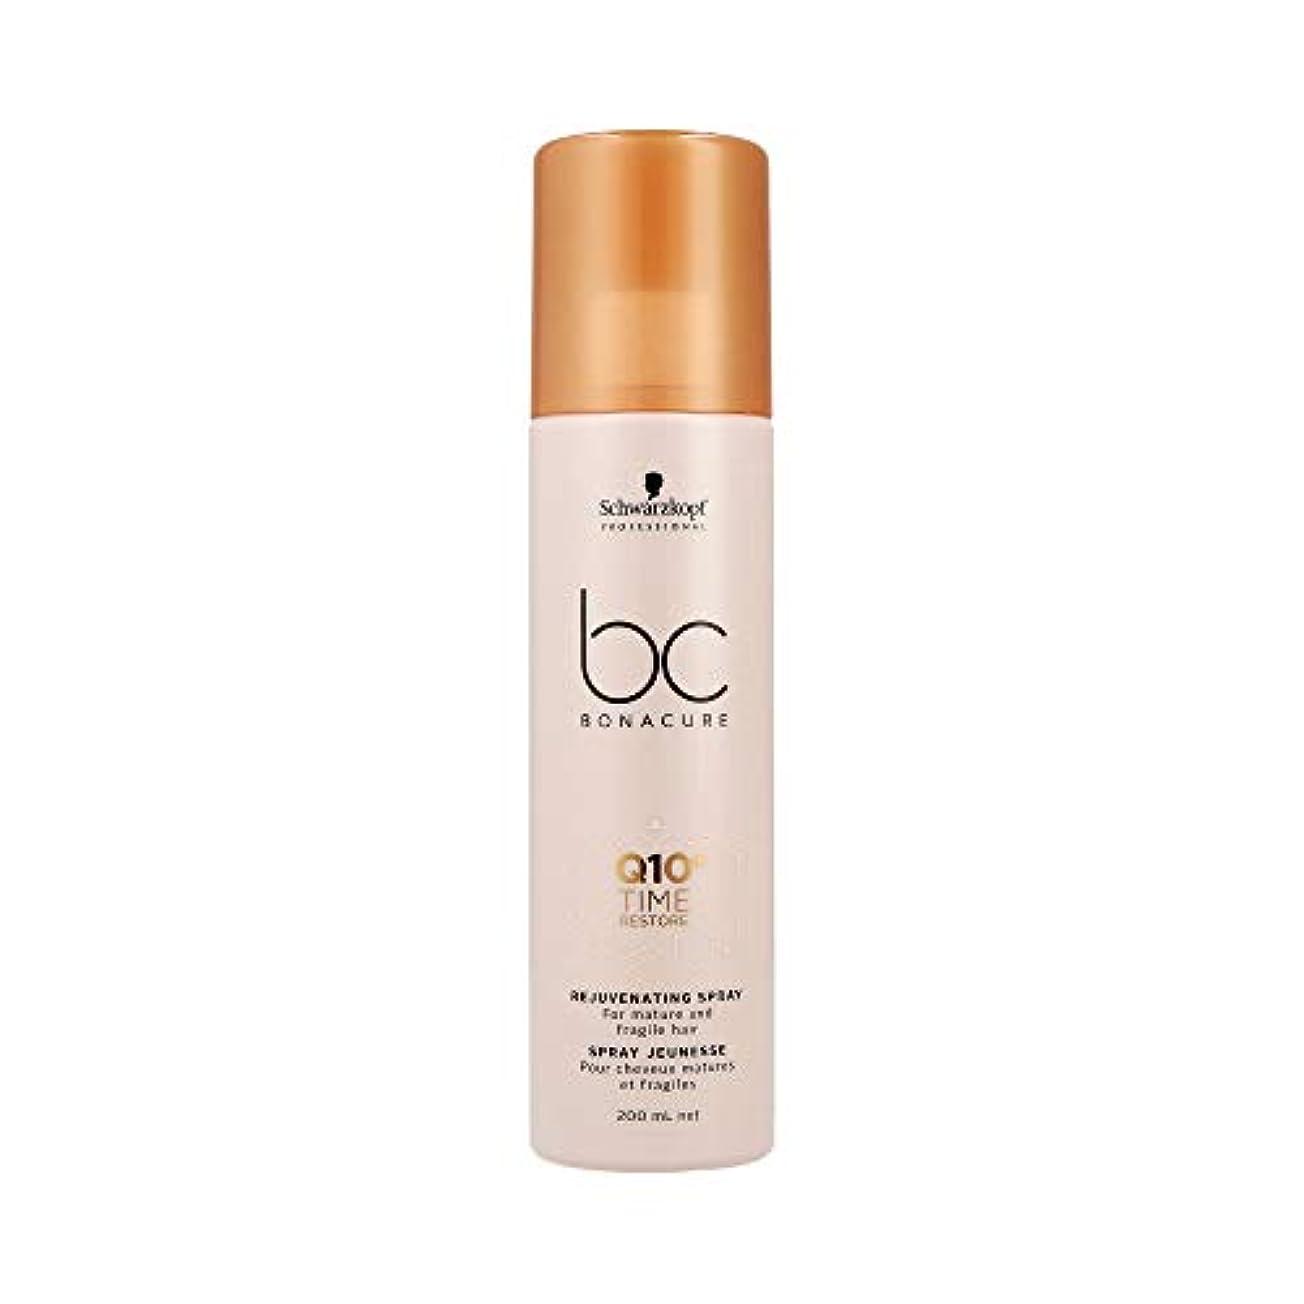 不透明な泣く値下げシュワルツコフ BC Q10+ タイム リストア リジュヴェネイティング スプレー Schwarzkopf BC Bonacure Q10+ Time Restore Rejuvenating Spray For Mature...